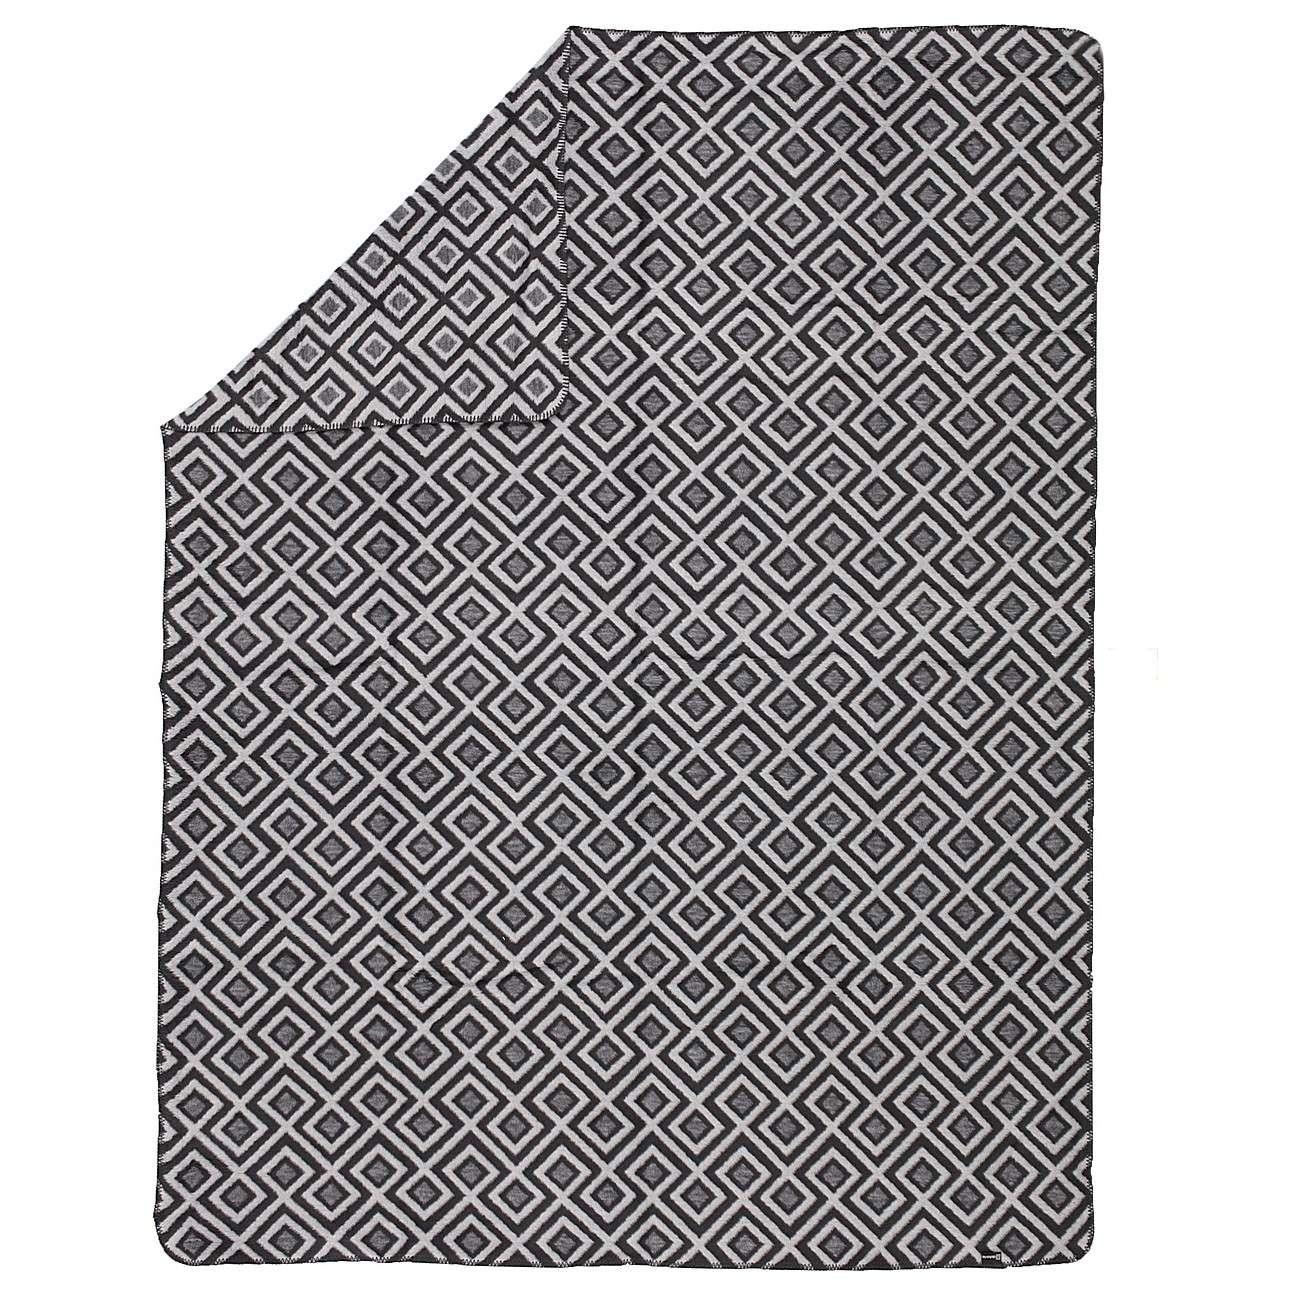 Koc Cotton Cloud 150x200 cm Square